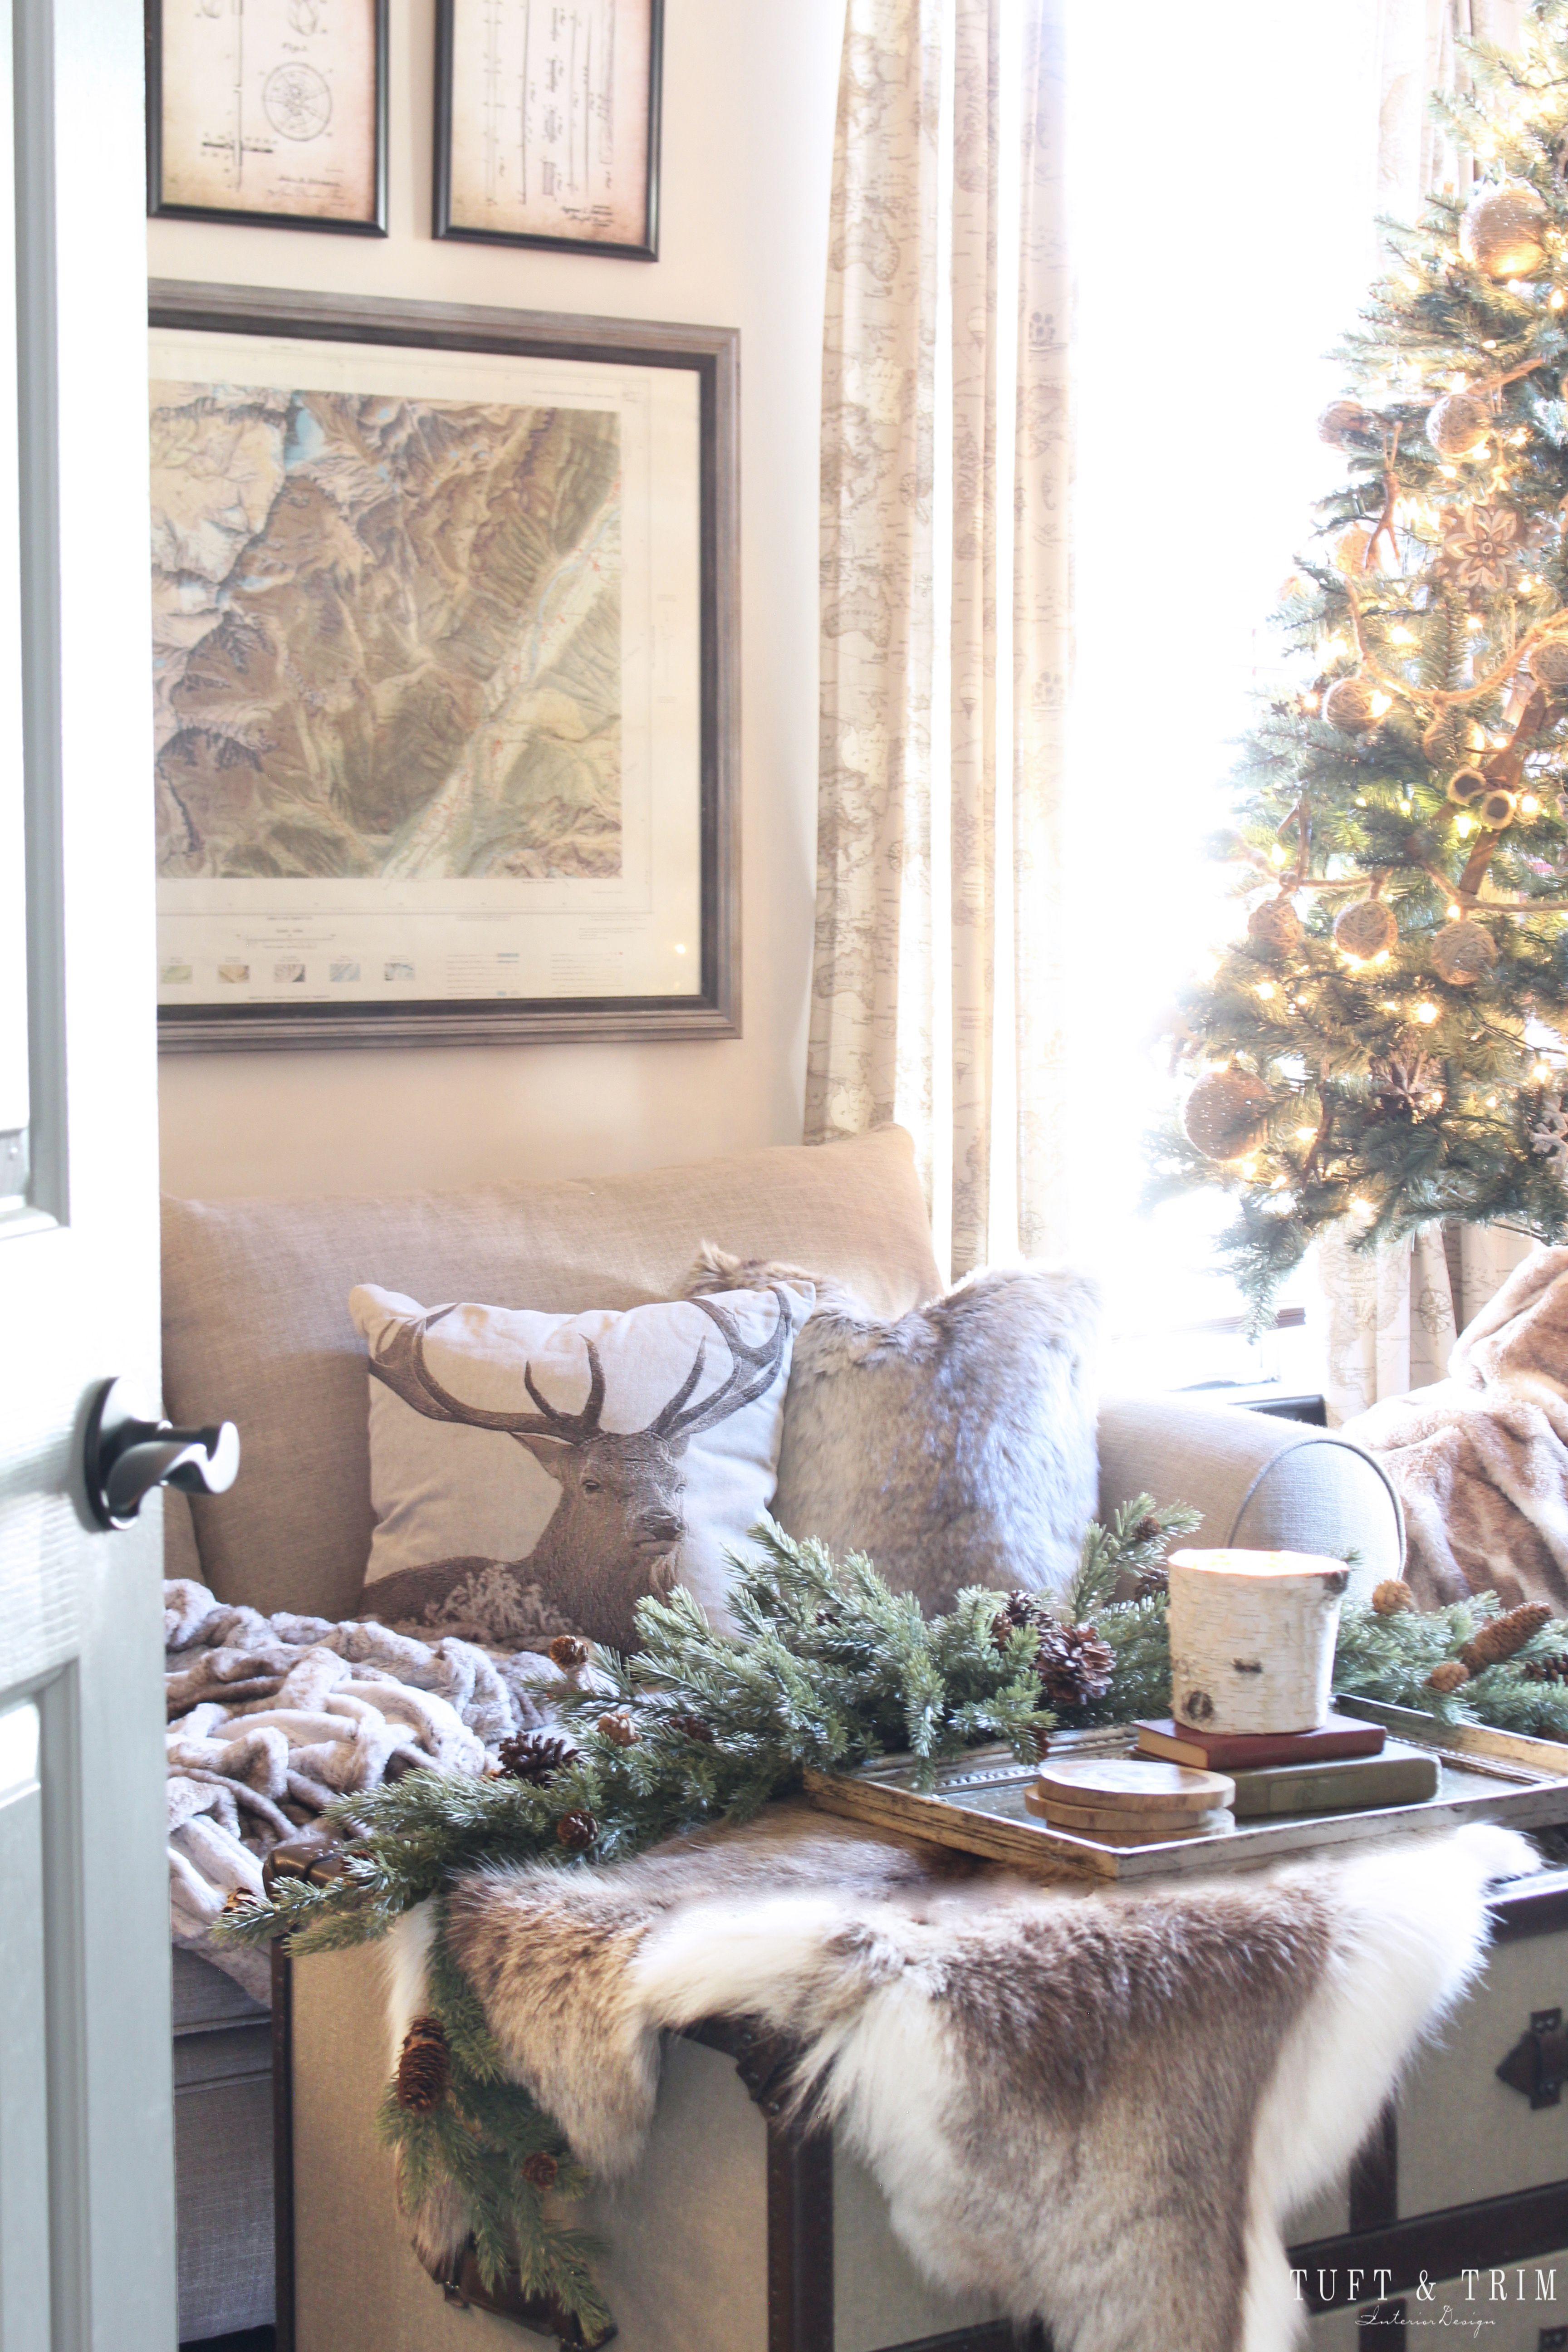 Rustic Cozy Holiday Neutrals Rustic Cozy Seasonal Decor